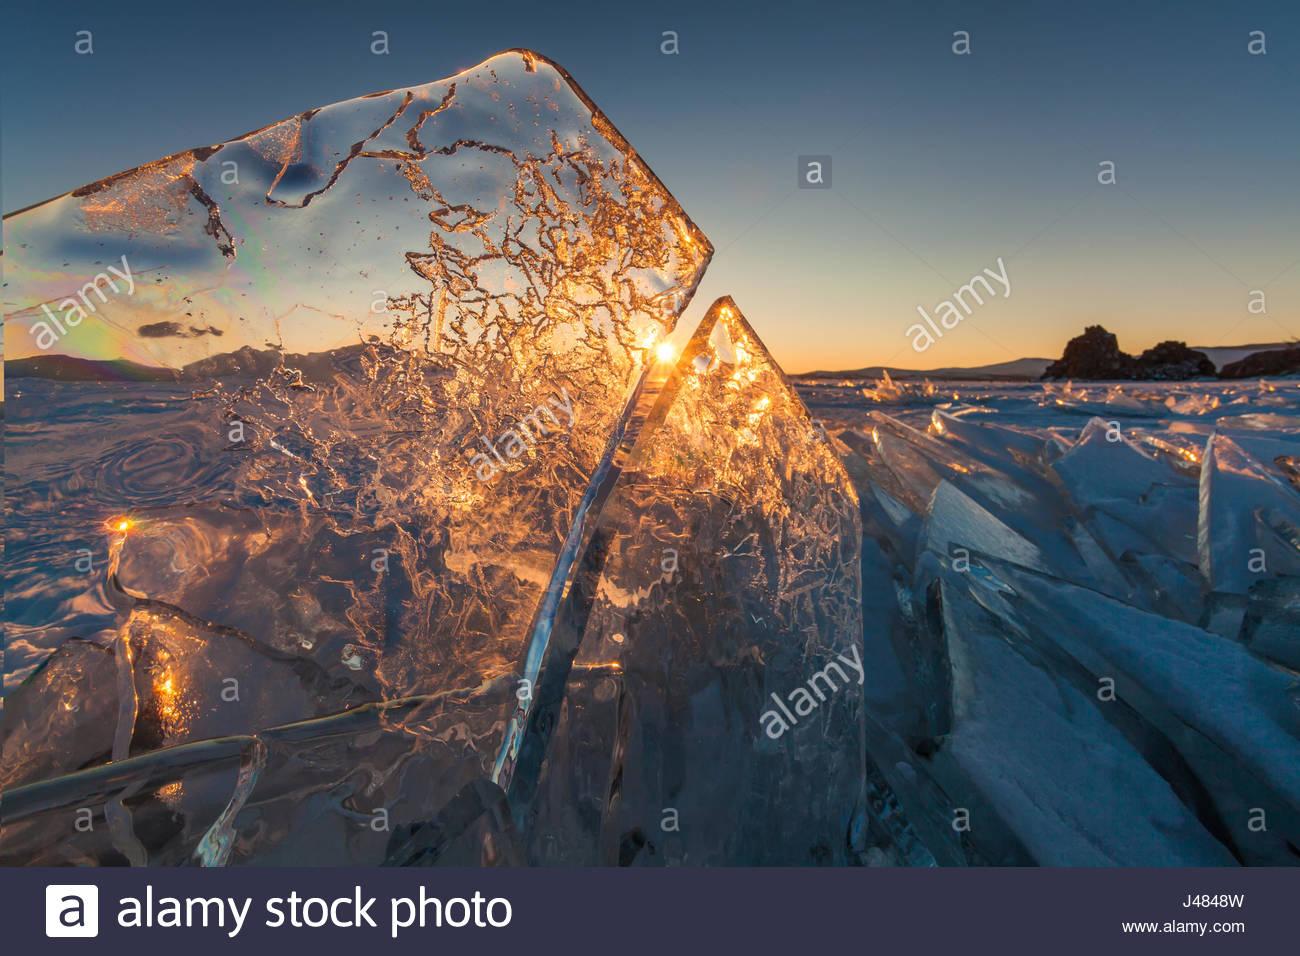 De soleil colorés sur la glace du lac Baikal en cristal Photo Stock